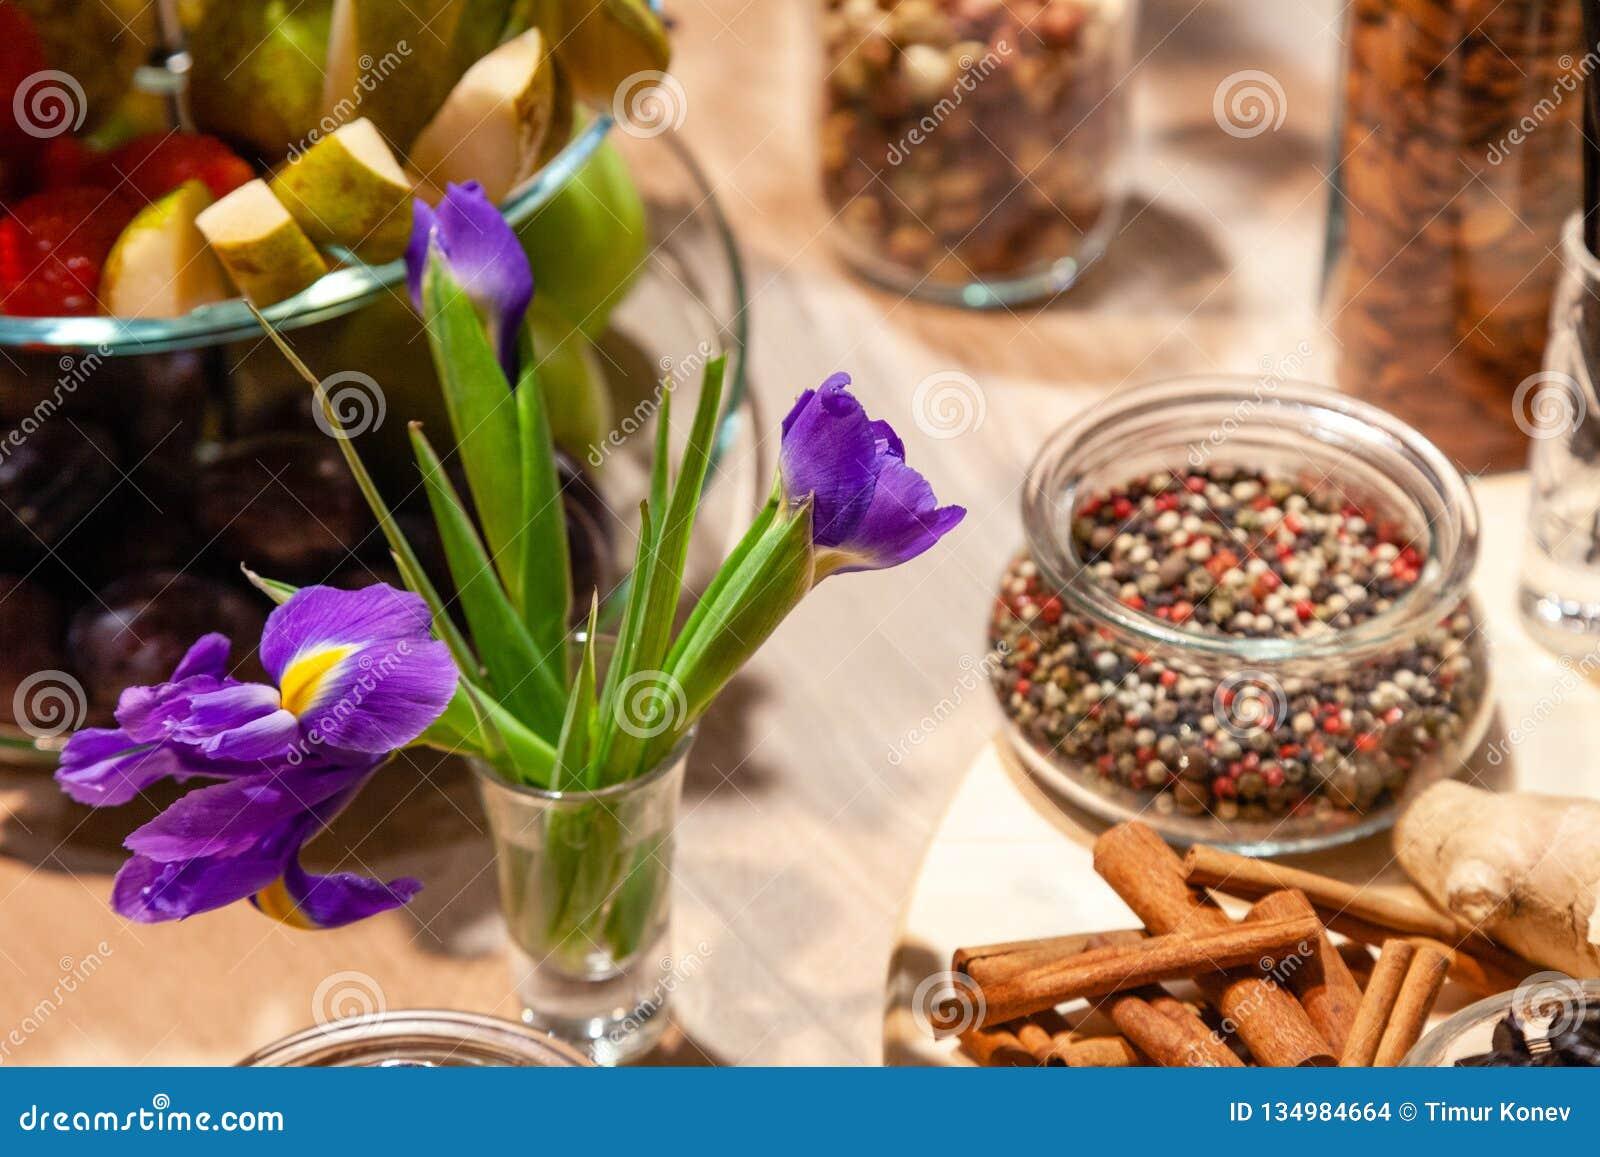 Bocados del primer, mezcla púrpura de los iris, fresca y secado de las frutas, roja, blanca y negra de la pimienta en el bol de v